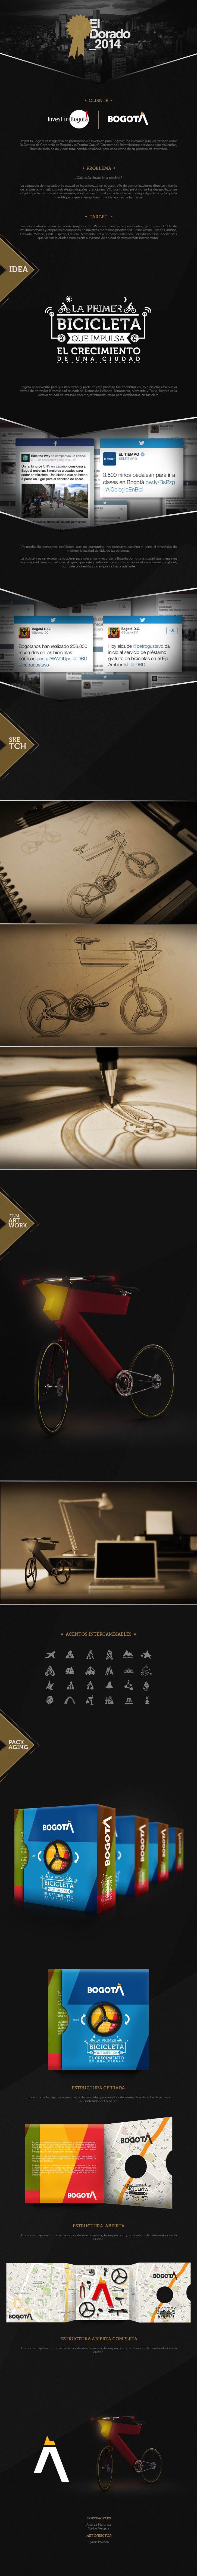 Festival de la publicidad colombiana El Dorado Categoria: Desing